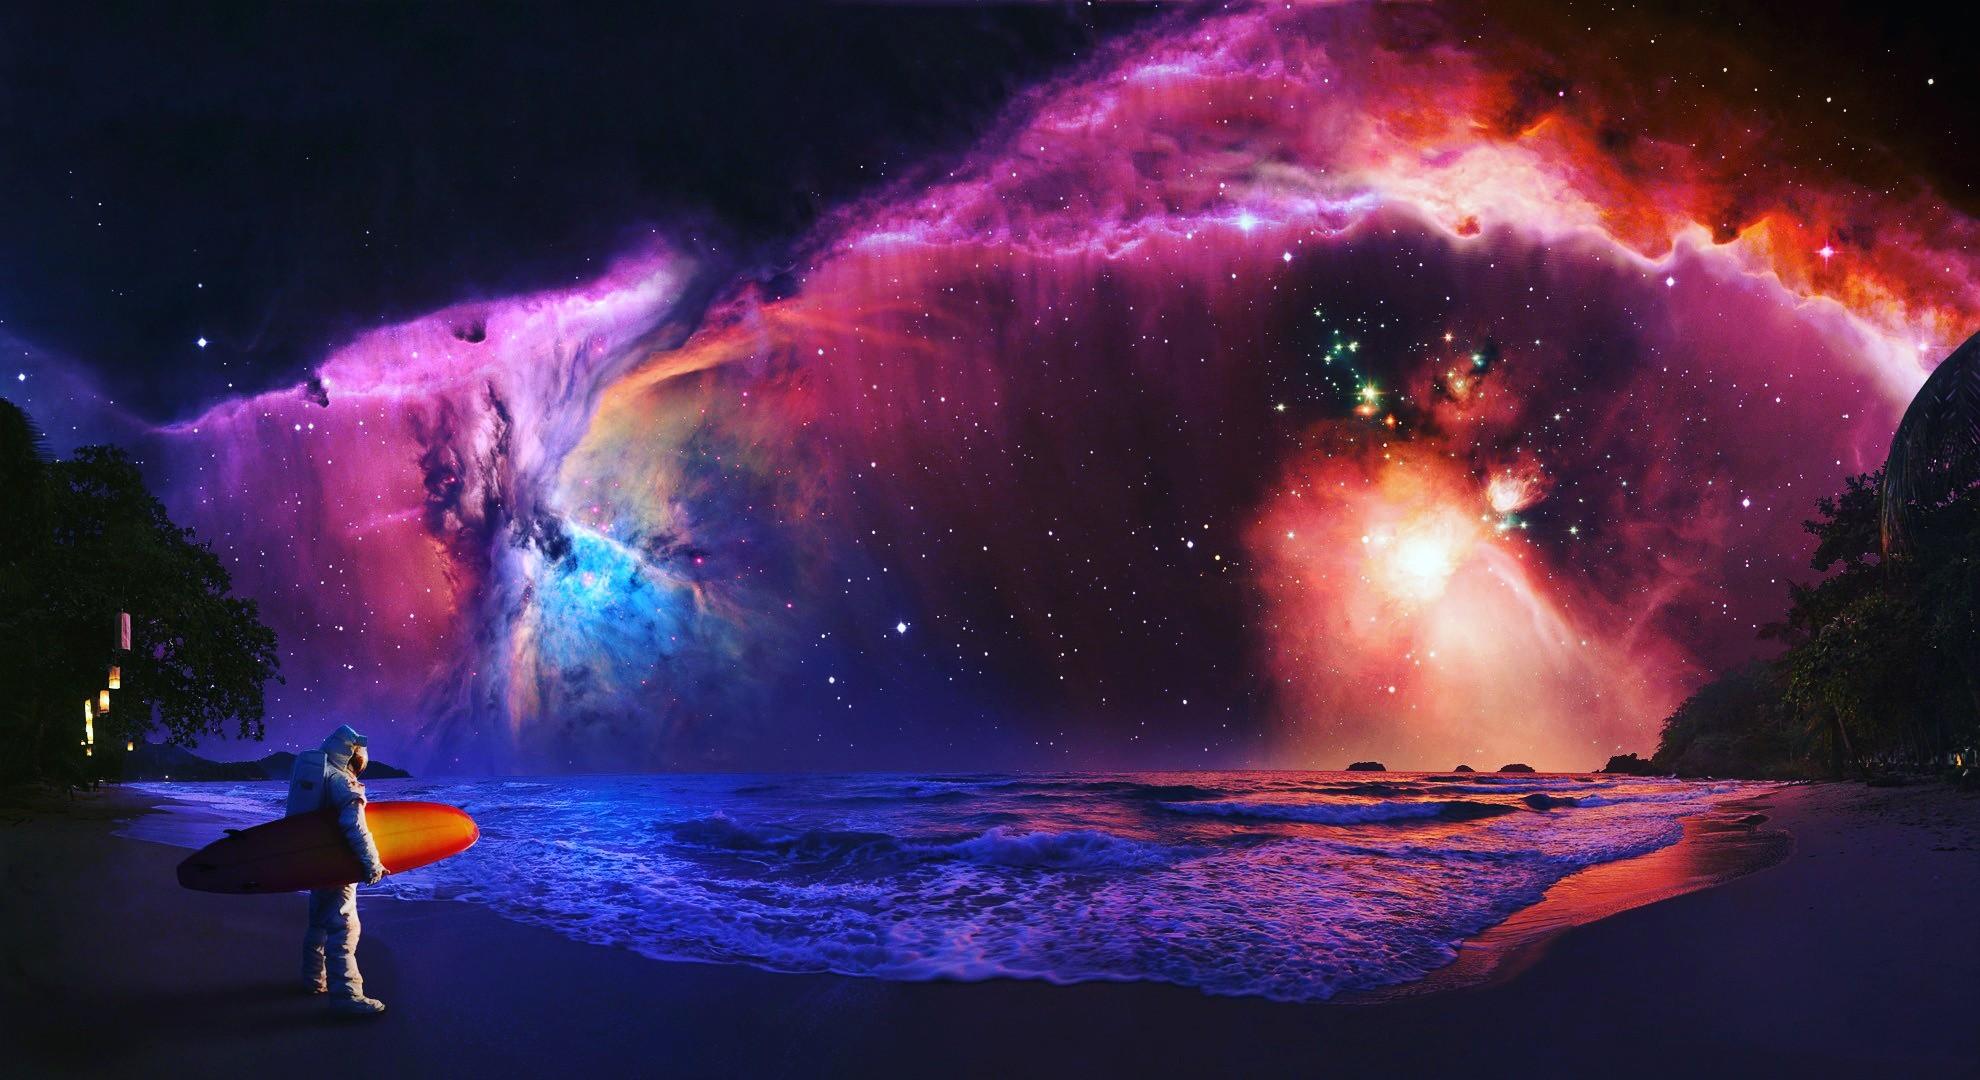 デスクトップ壁紙 ファンタジーアート スペース 星雲 宇宙飛行士